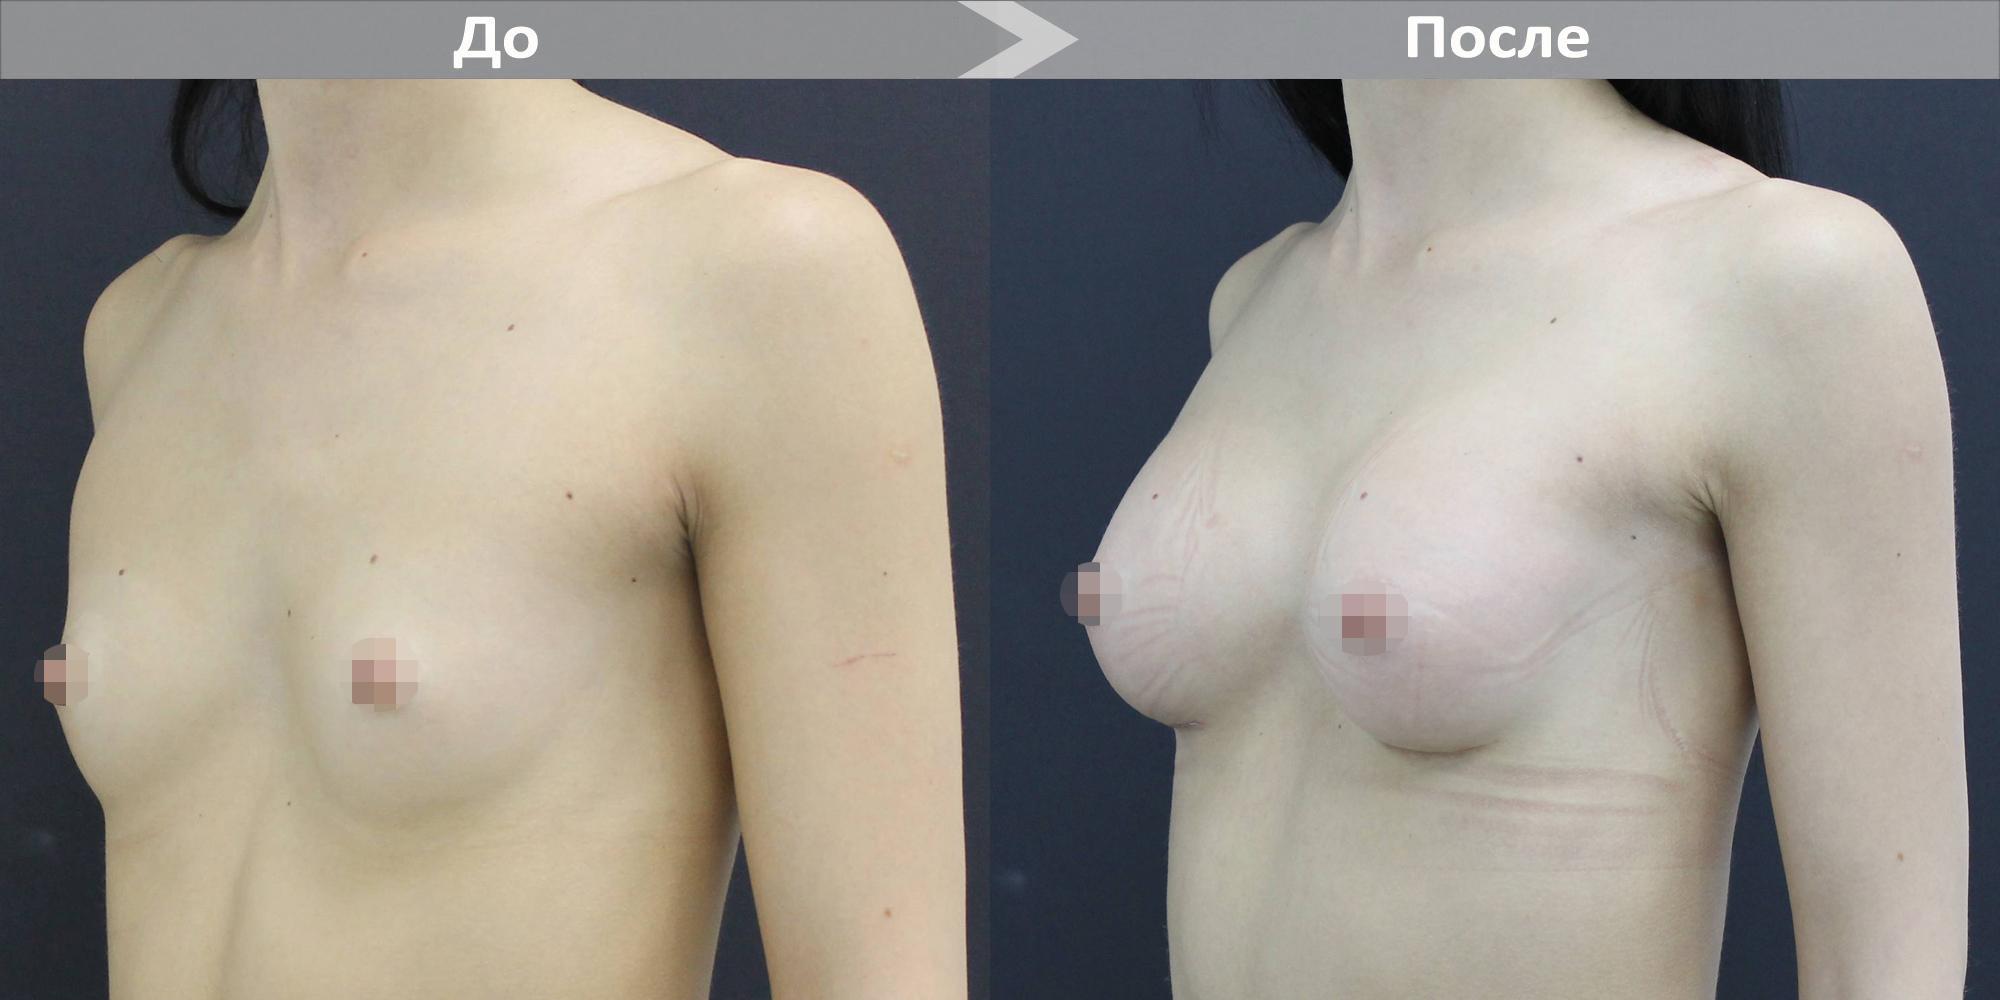 Фото до и после увеличения груди имплантами Motiva №1